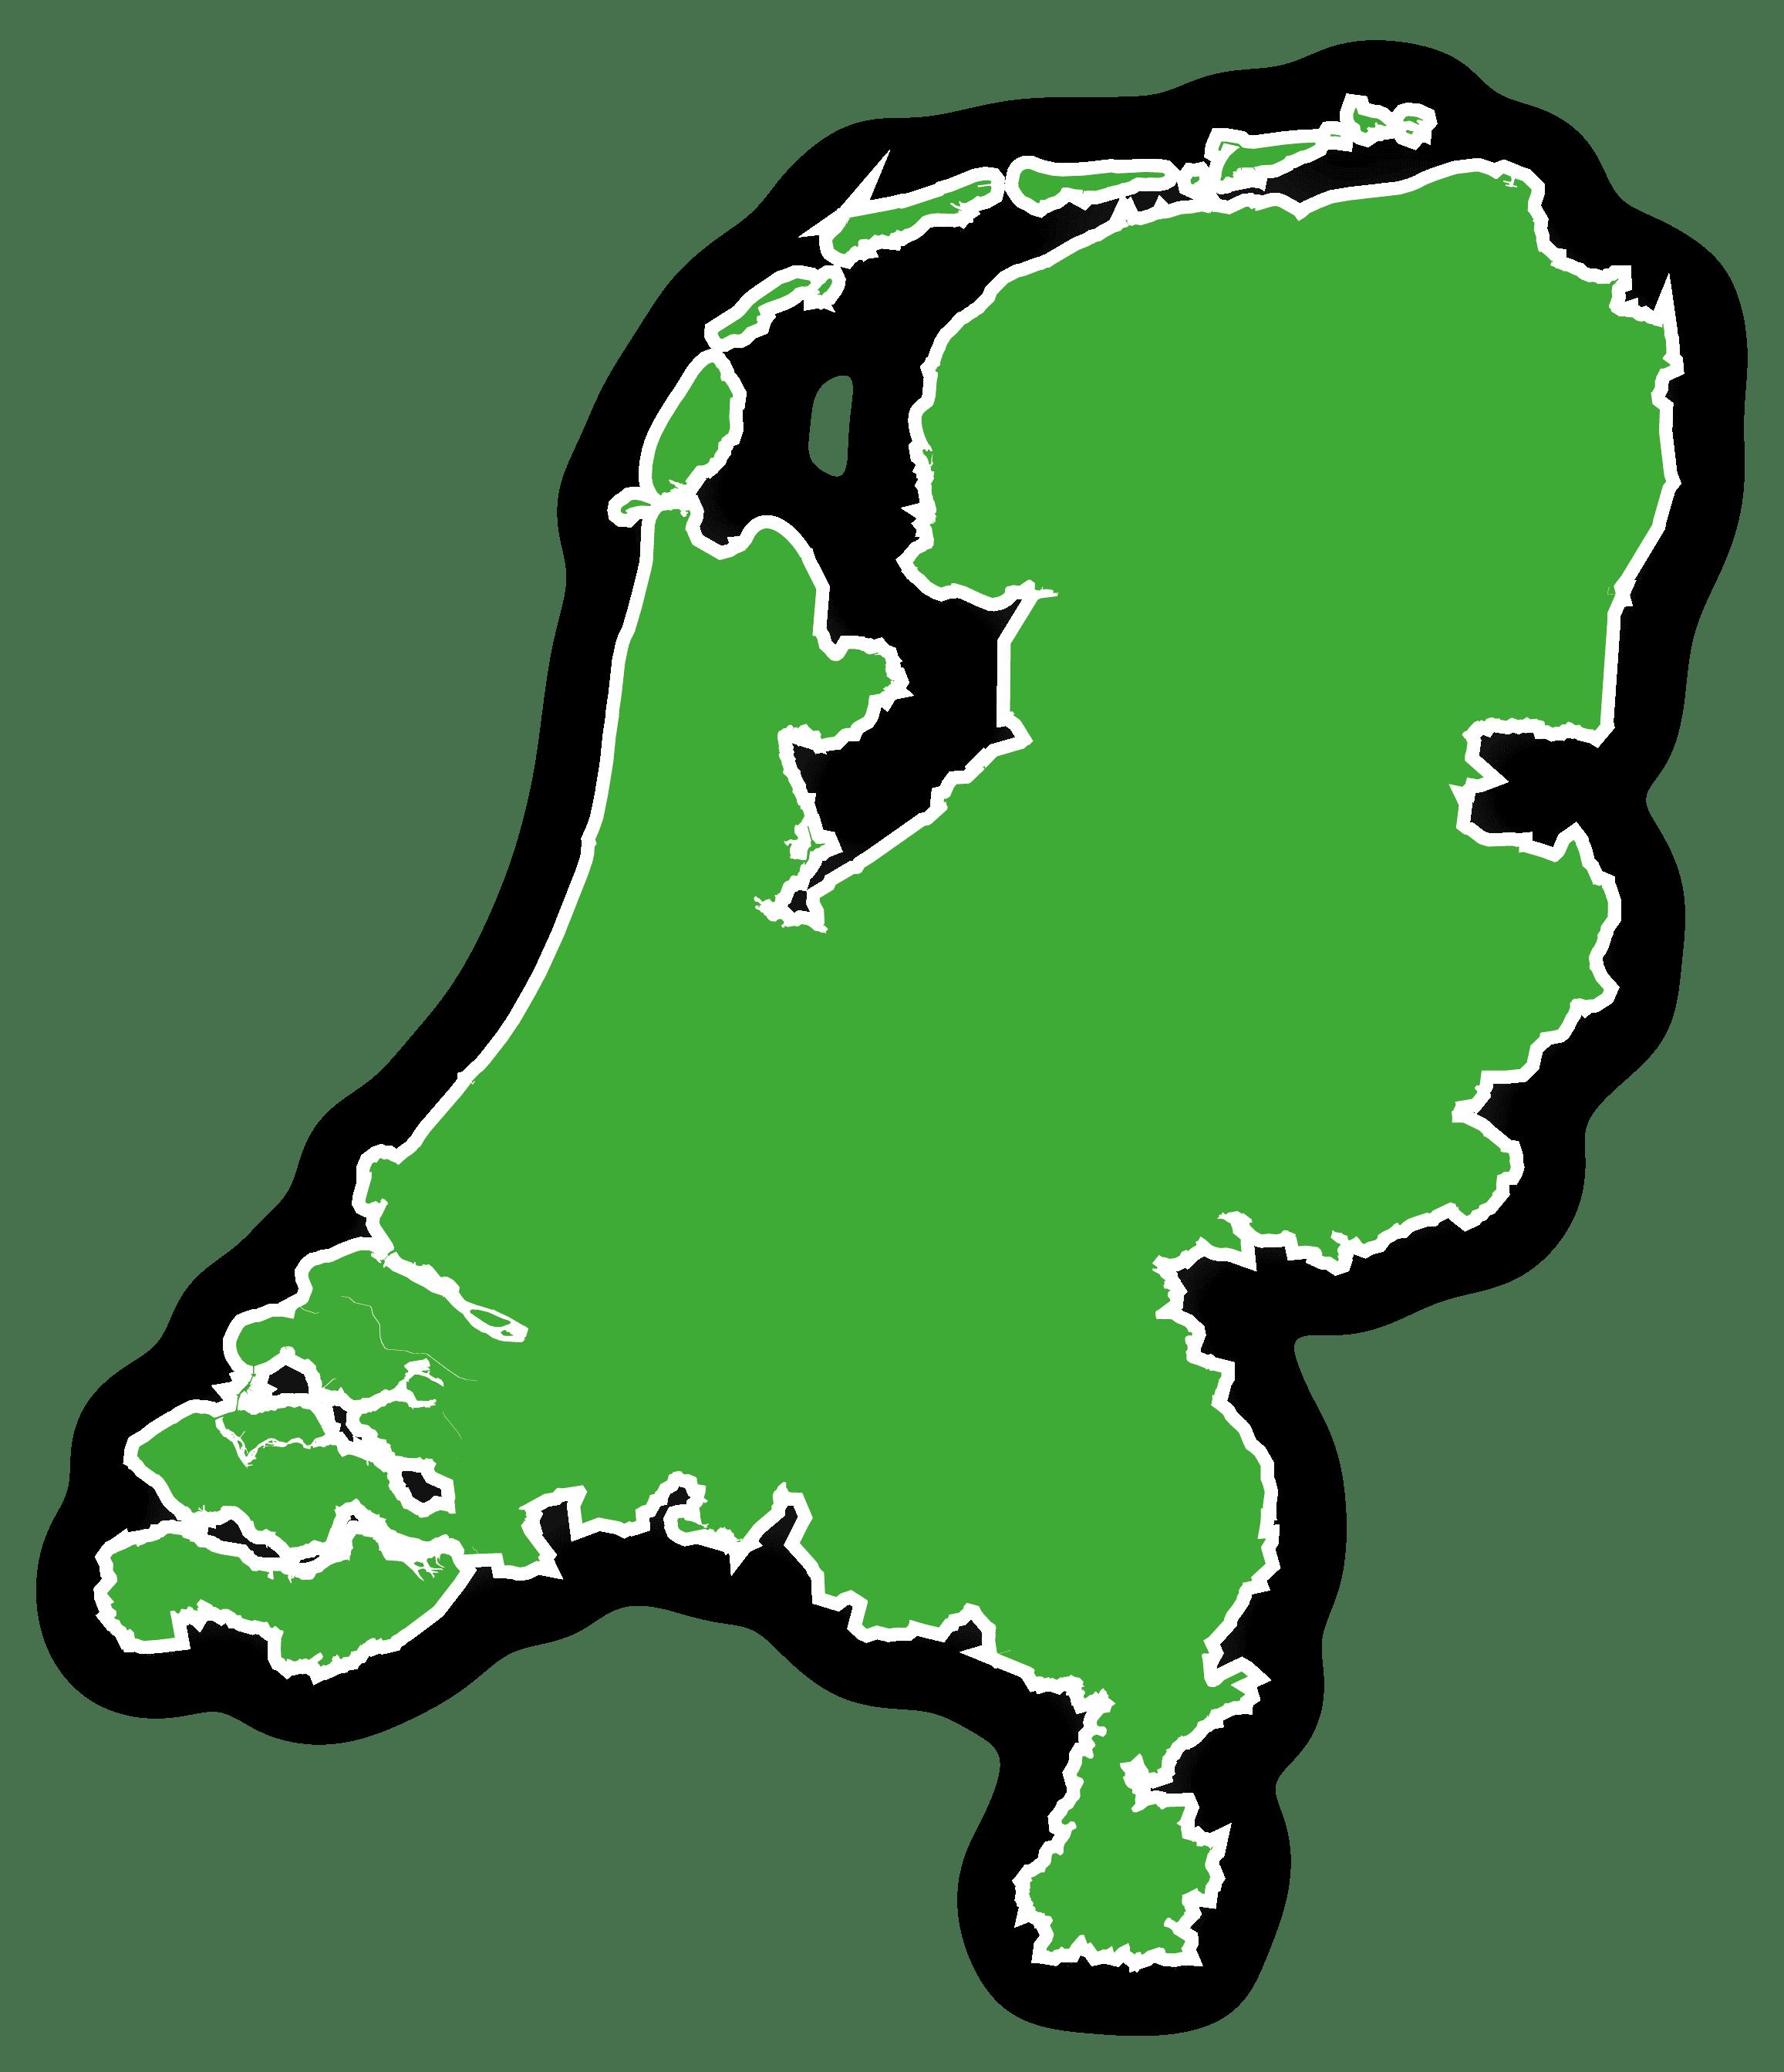 Rolcontainer Nederland kaart schaduw afzetgebied